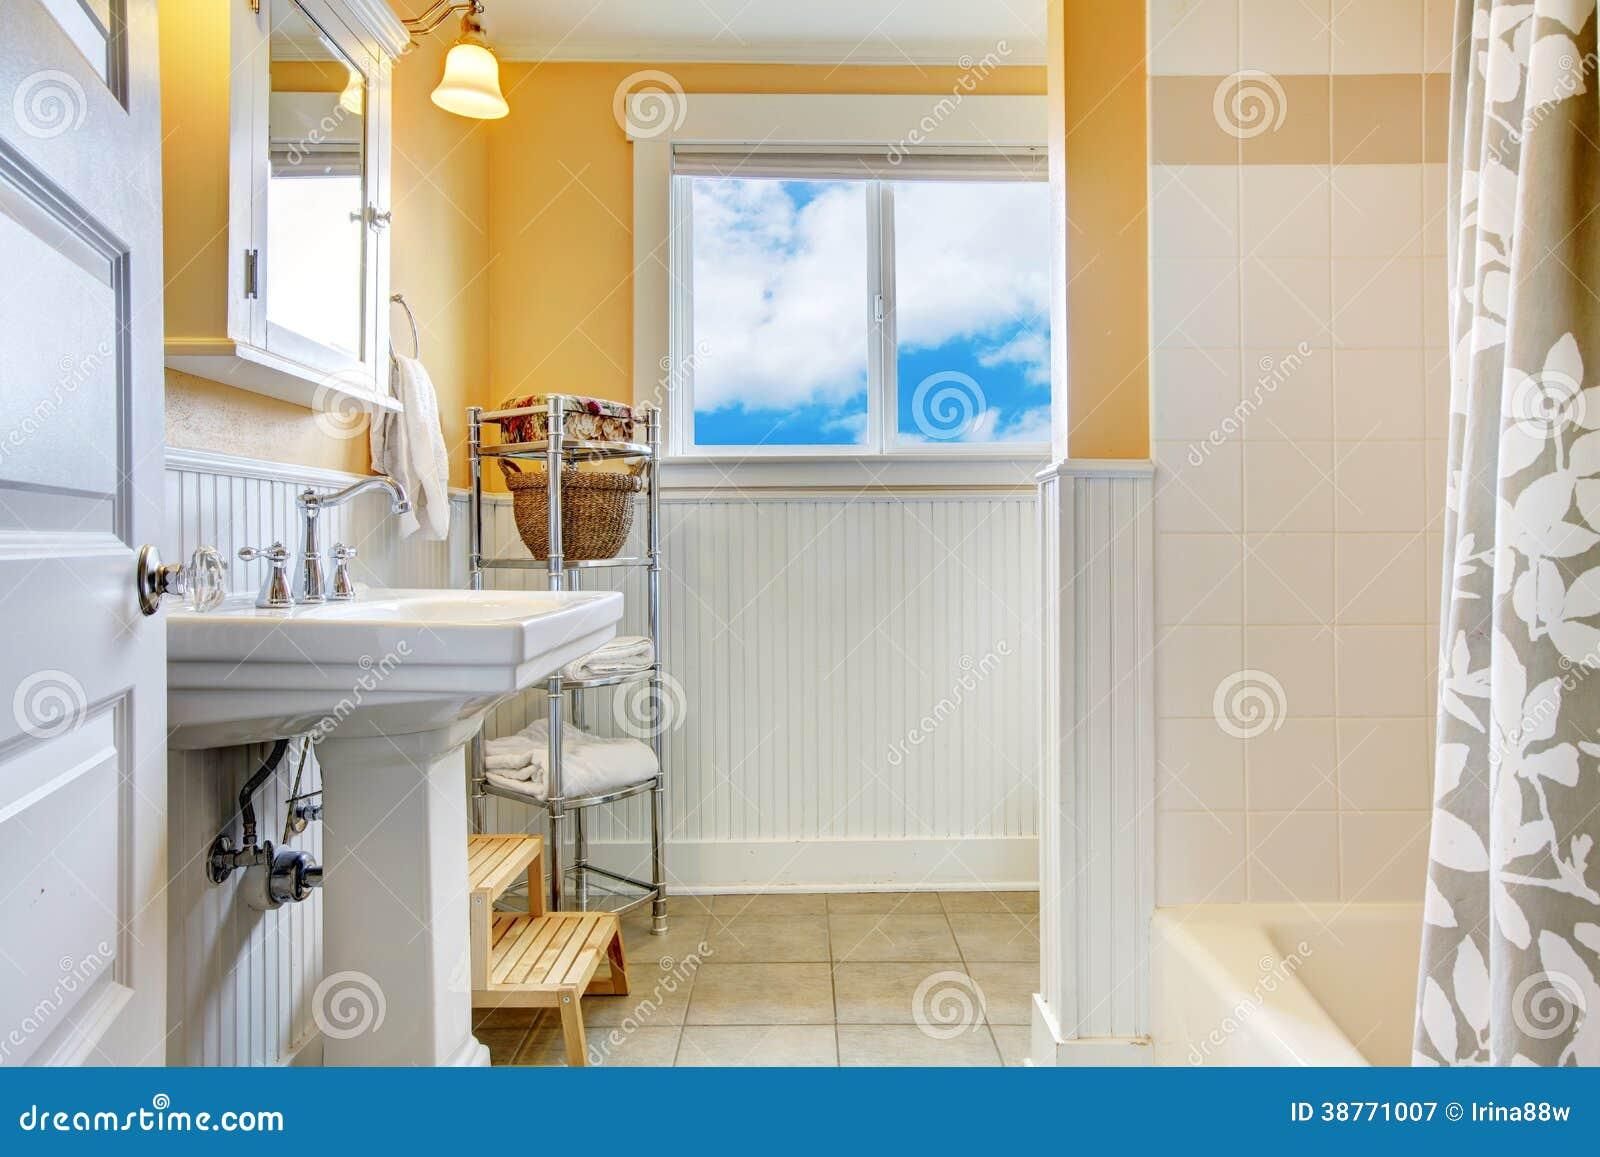 Salle De Bains Jaune Et Blanche Avec Une Fenêtre Image stock ...